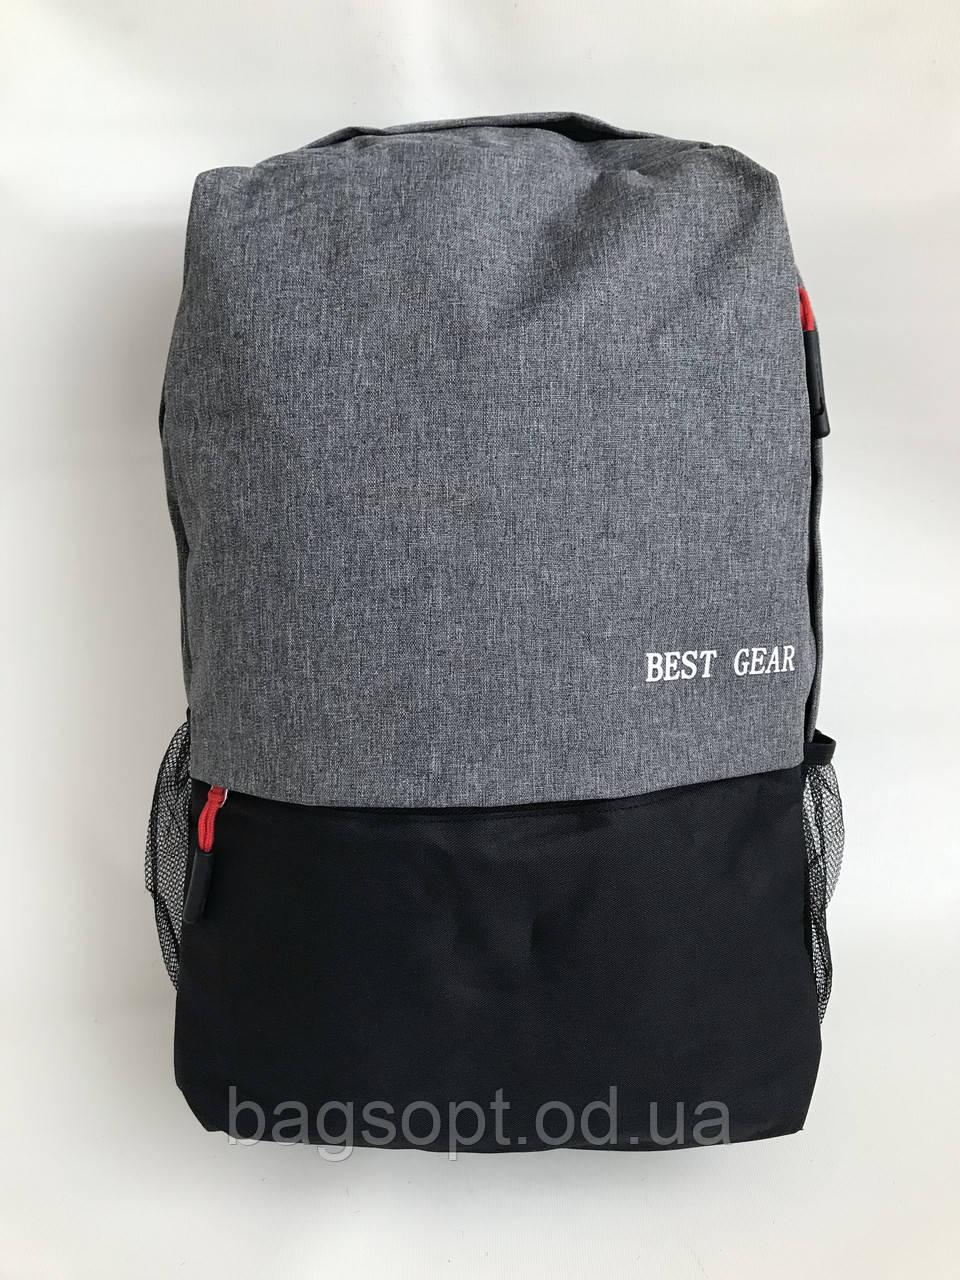 Рюкзак унисекс серый с черным спортивный Одесса 7км